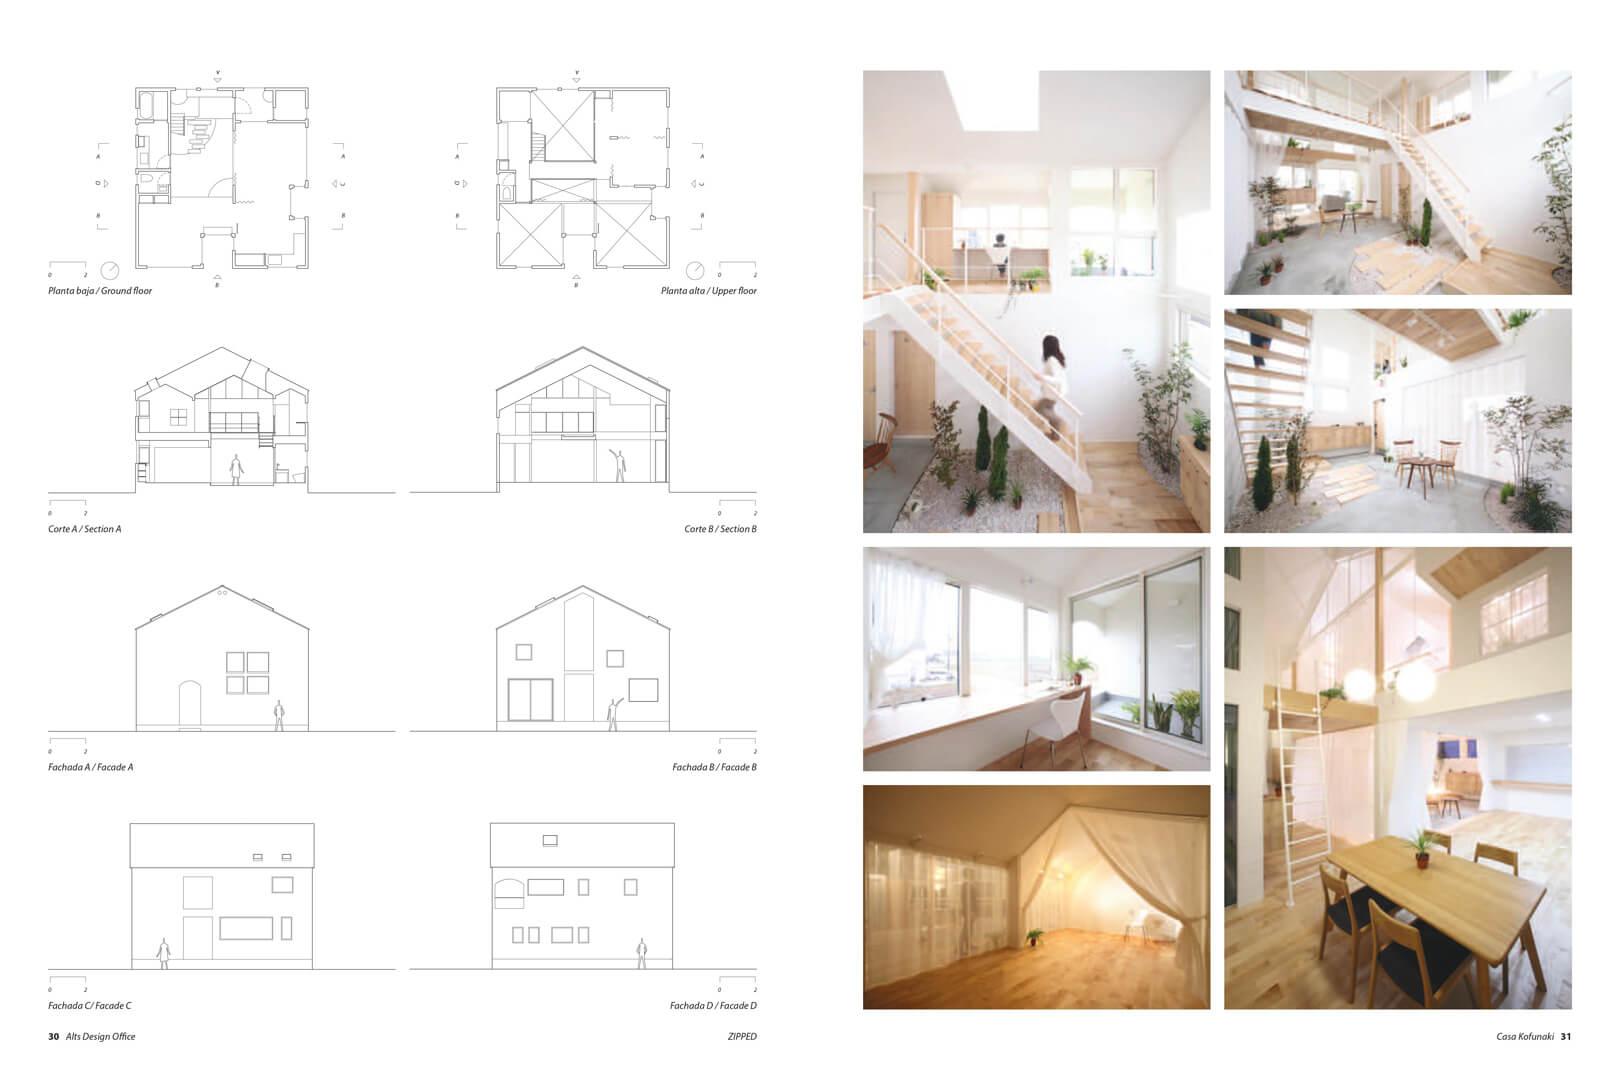 ZIPPED espacio pequeñas casas japonesas 3